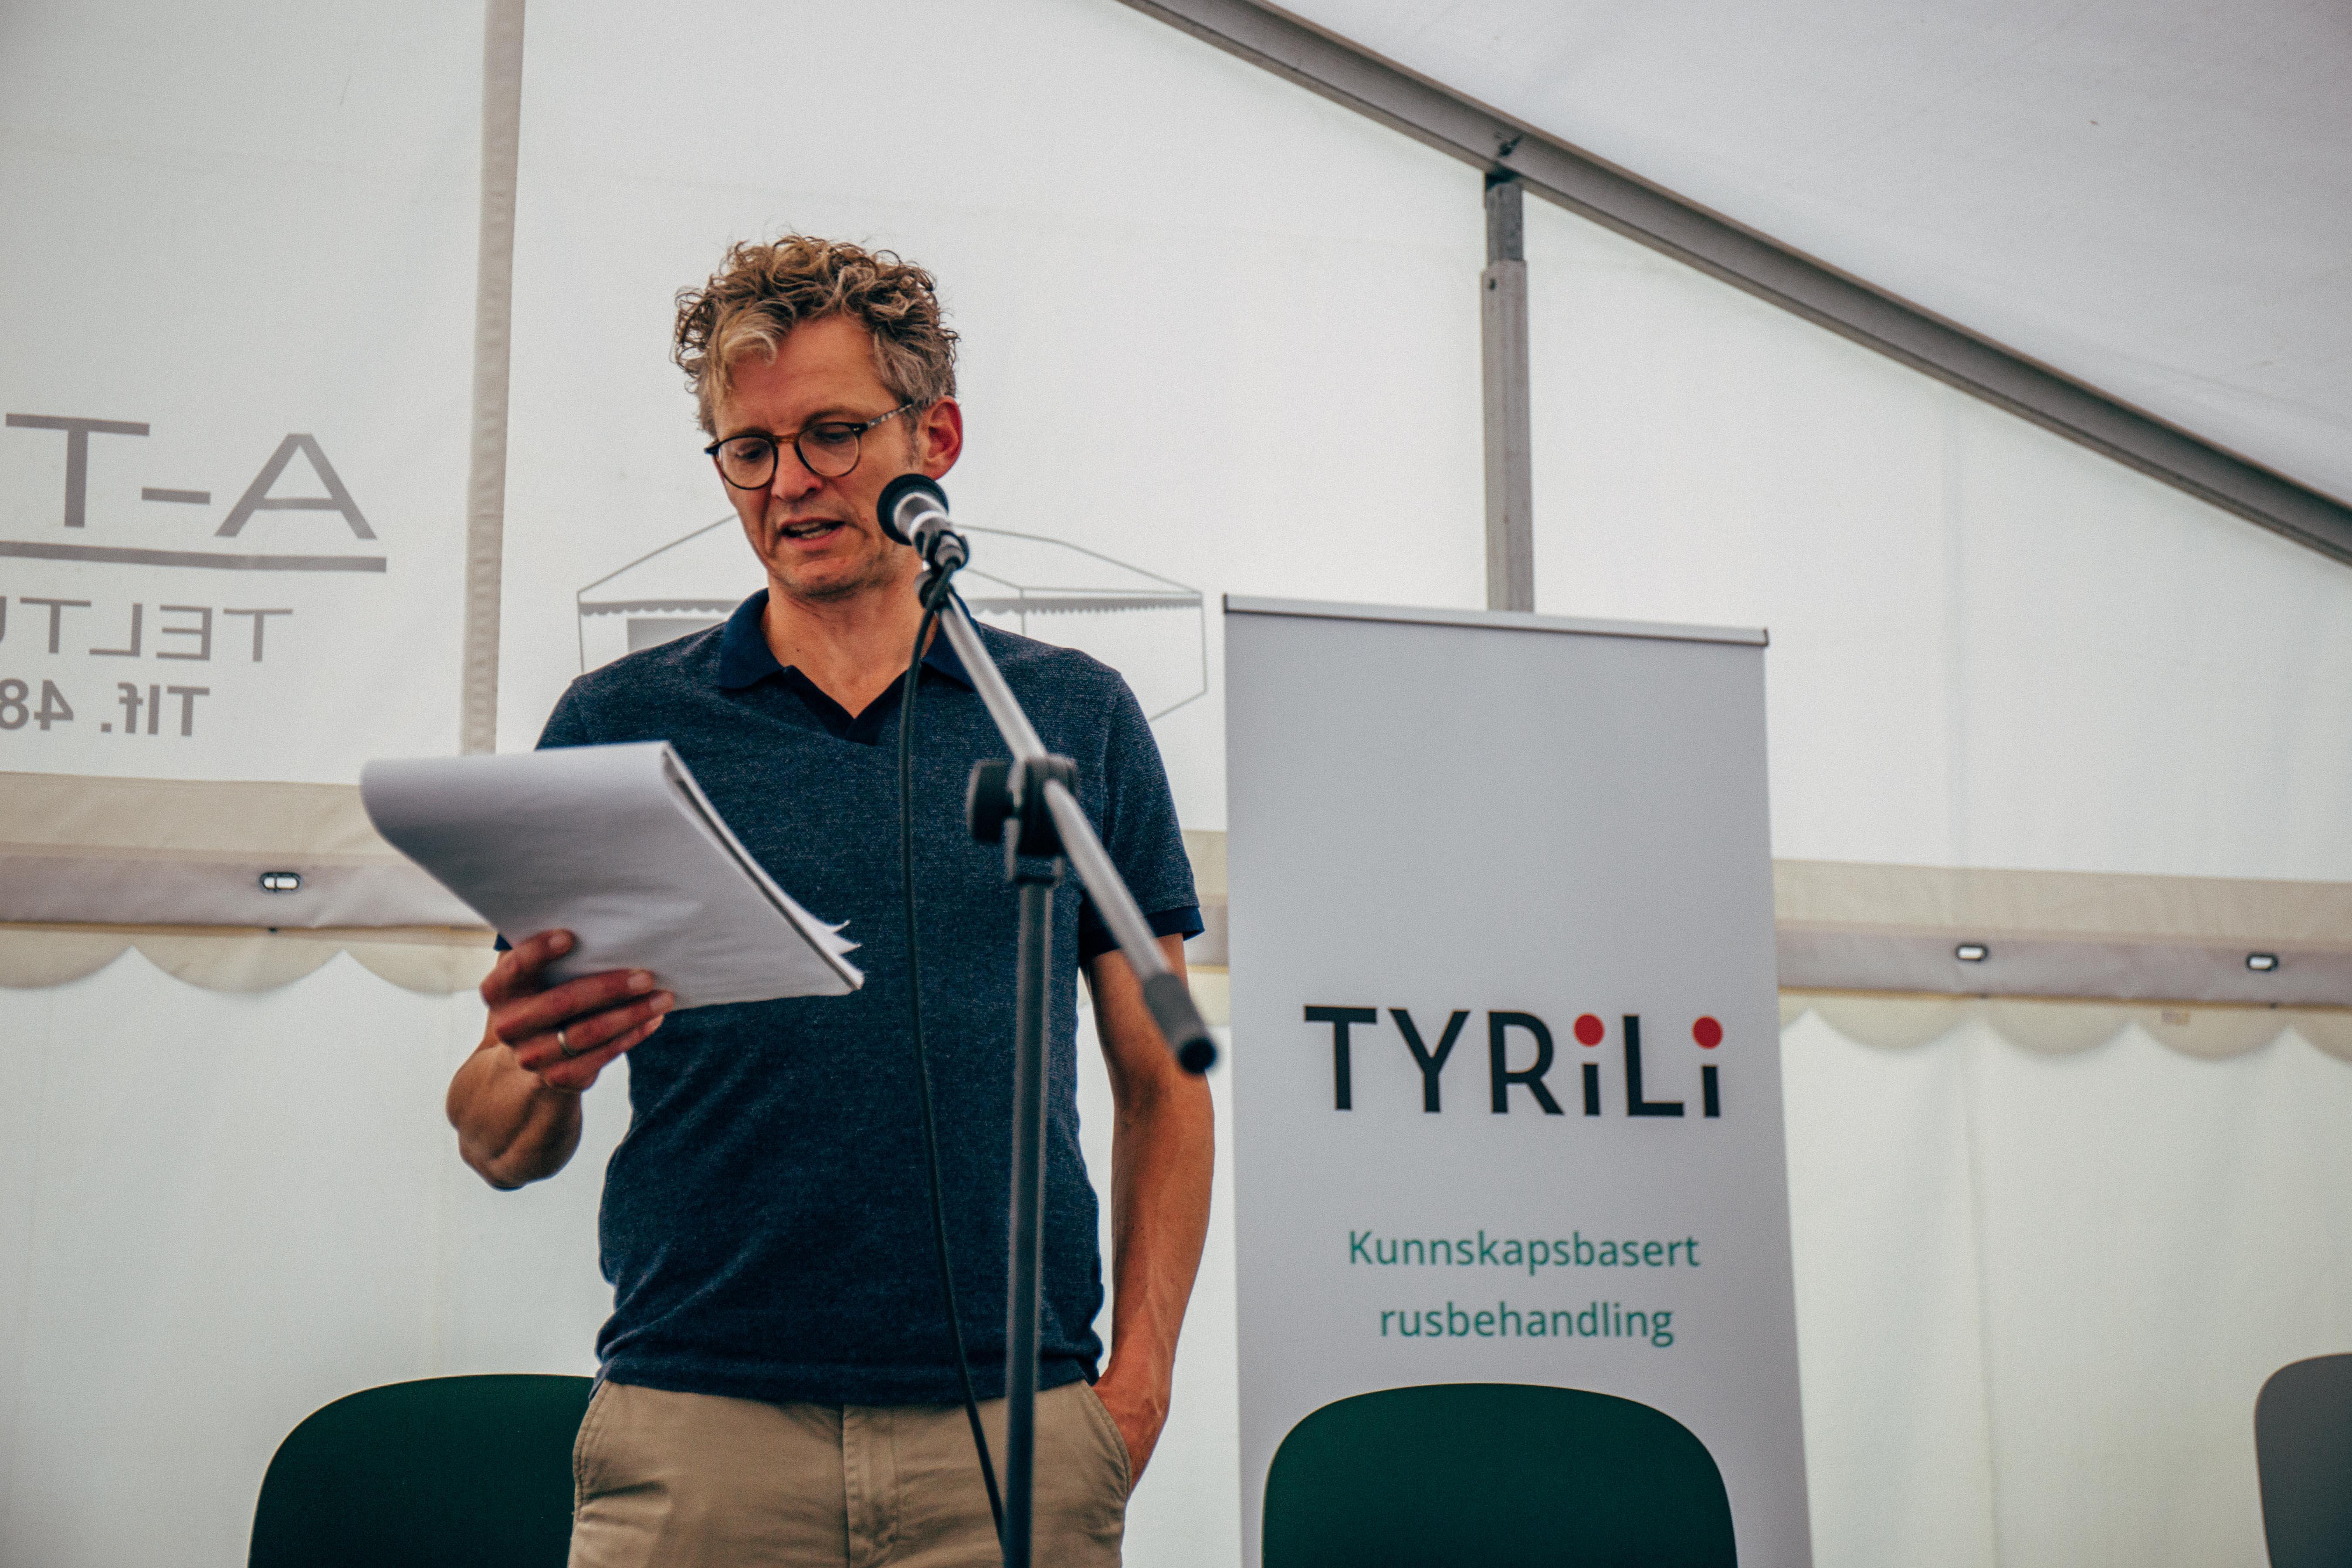 """Debatt om rettighetsbrudd mot utsatte grupper, under """"Åpen russcene"""", Arendalsuka 2021."""